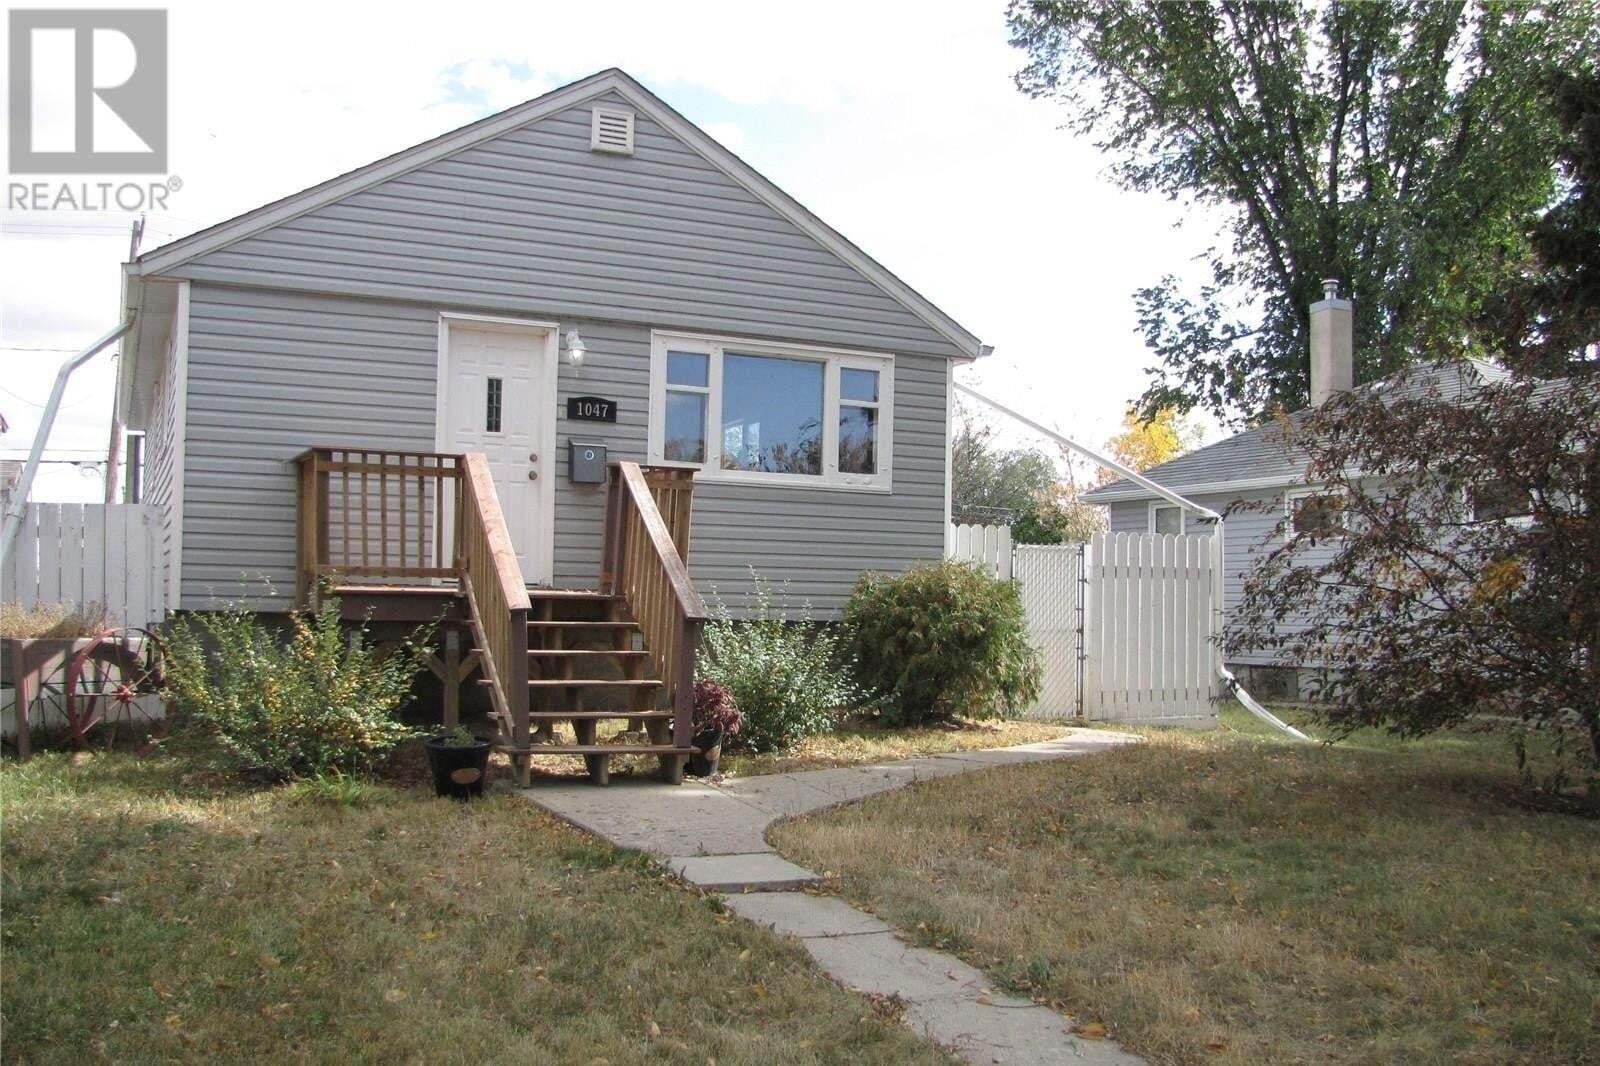 House for sale at 1047 Broder St Regina Saskatchewan - MLS: SK828073